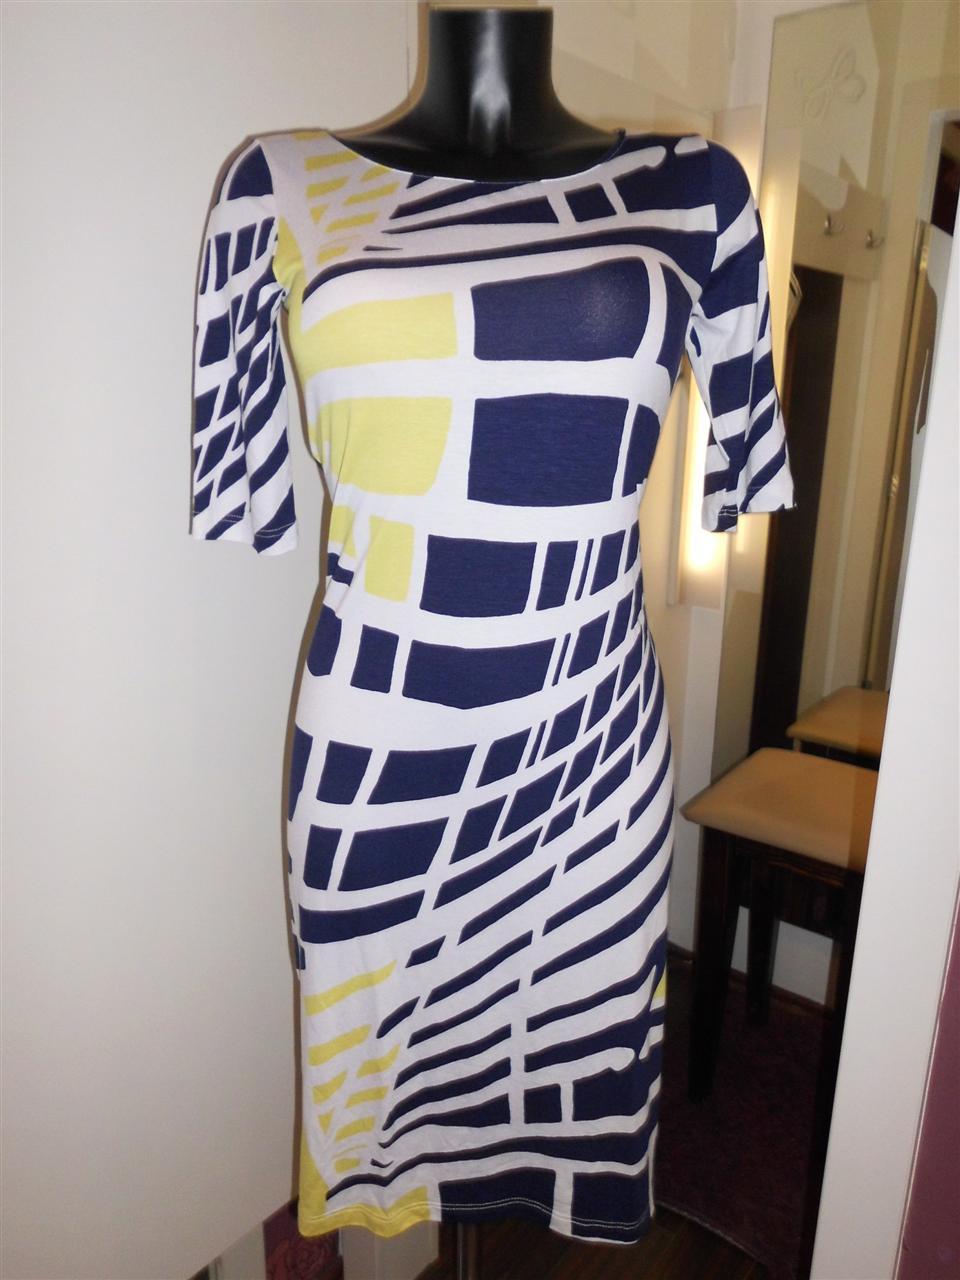 Šaty Namor Vypan - Favab Barva: originál, Velikost: M